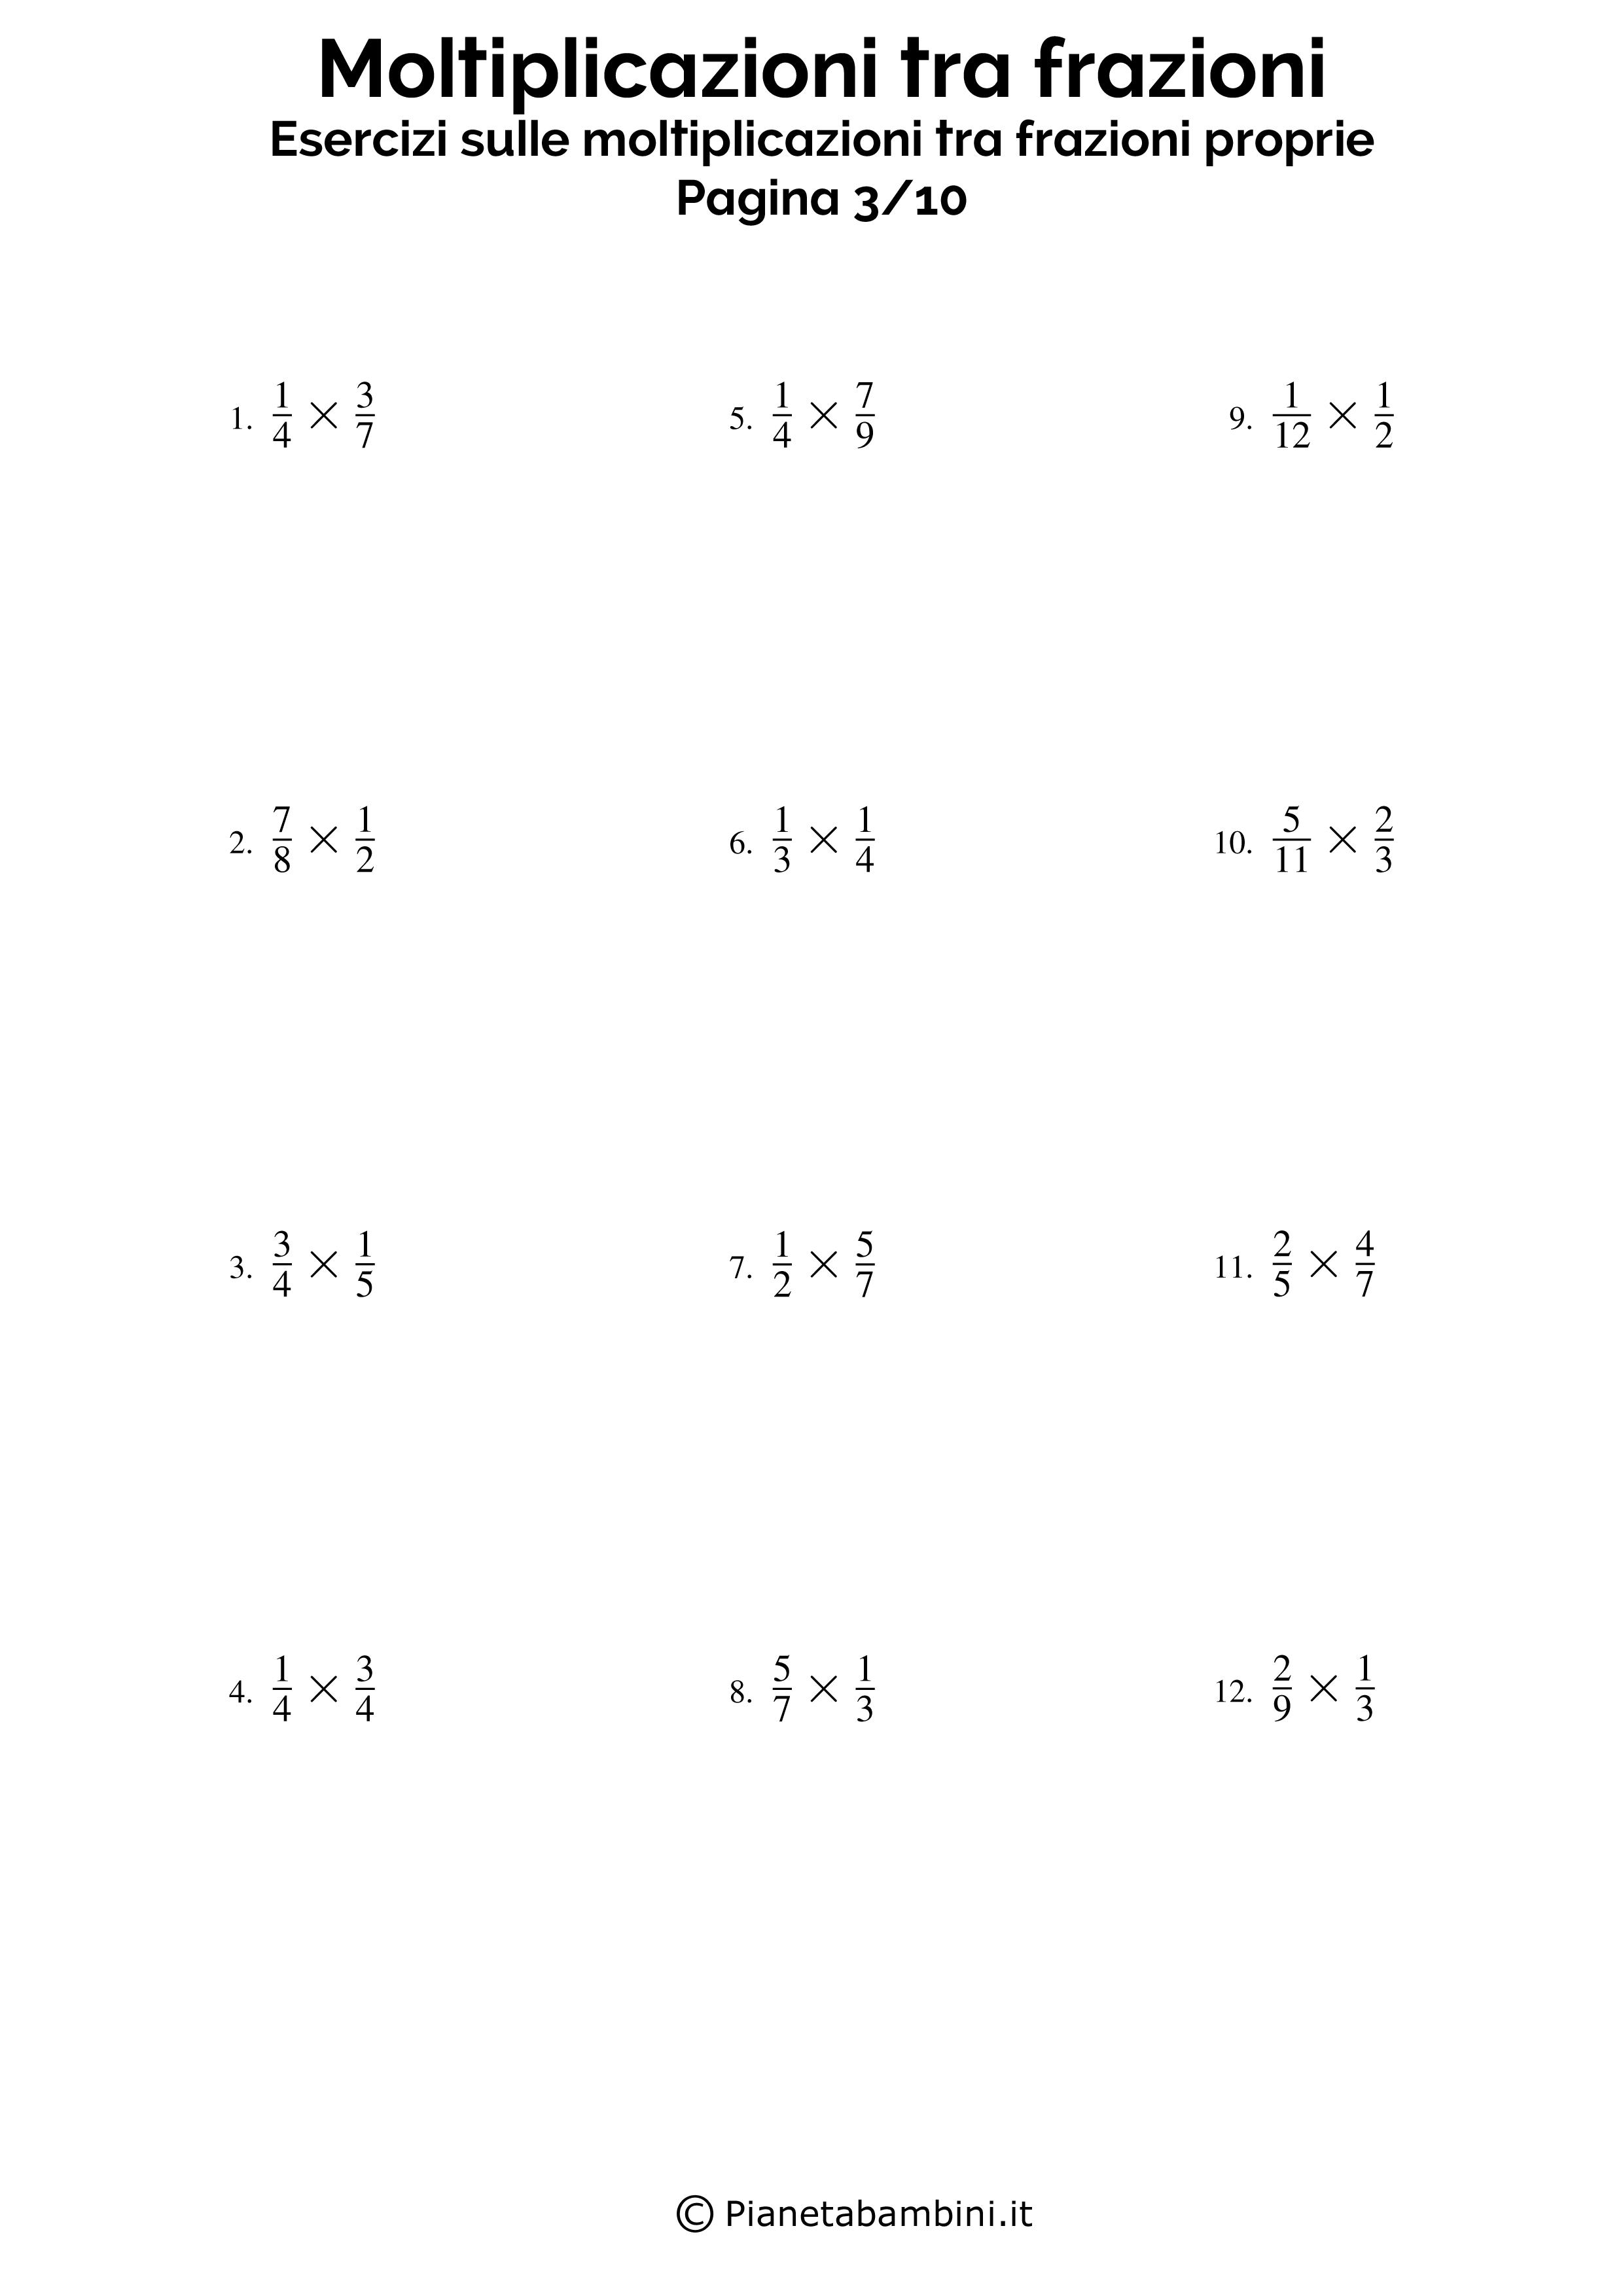 Moltiplicazioni-Frazioni-Proprie_03